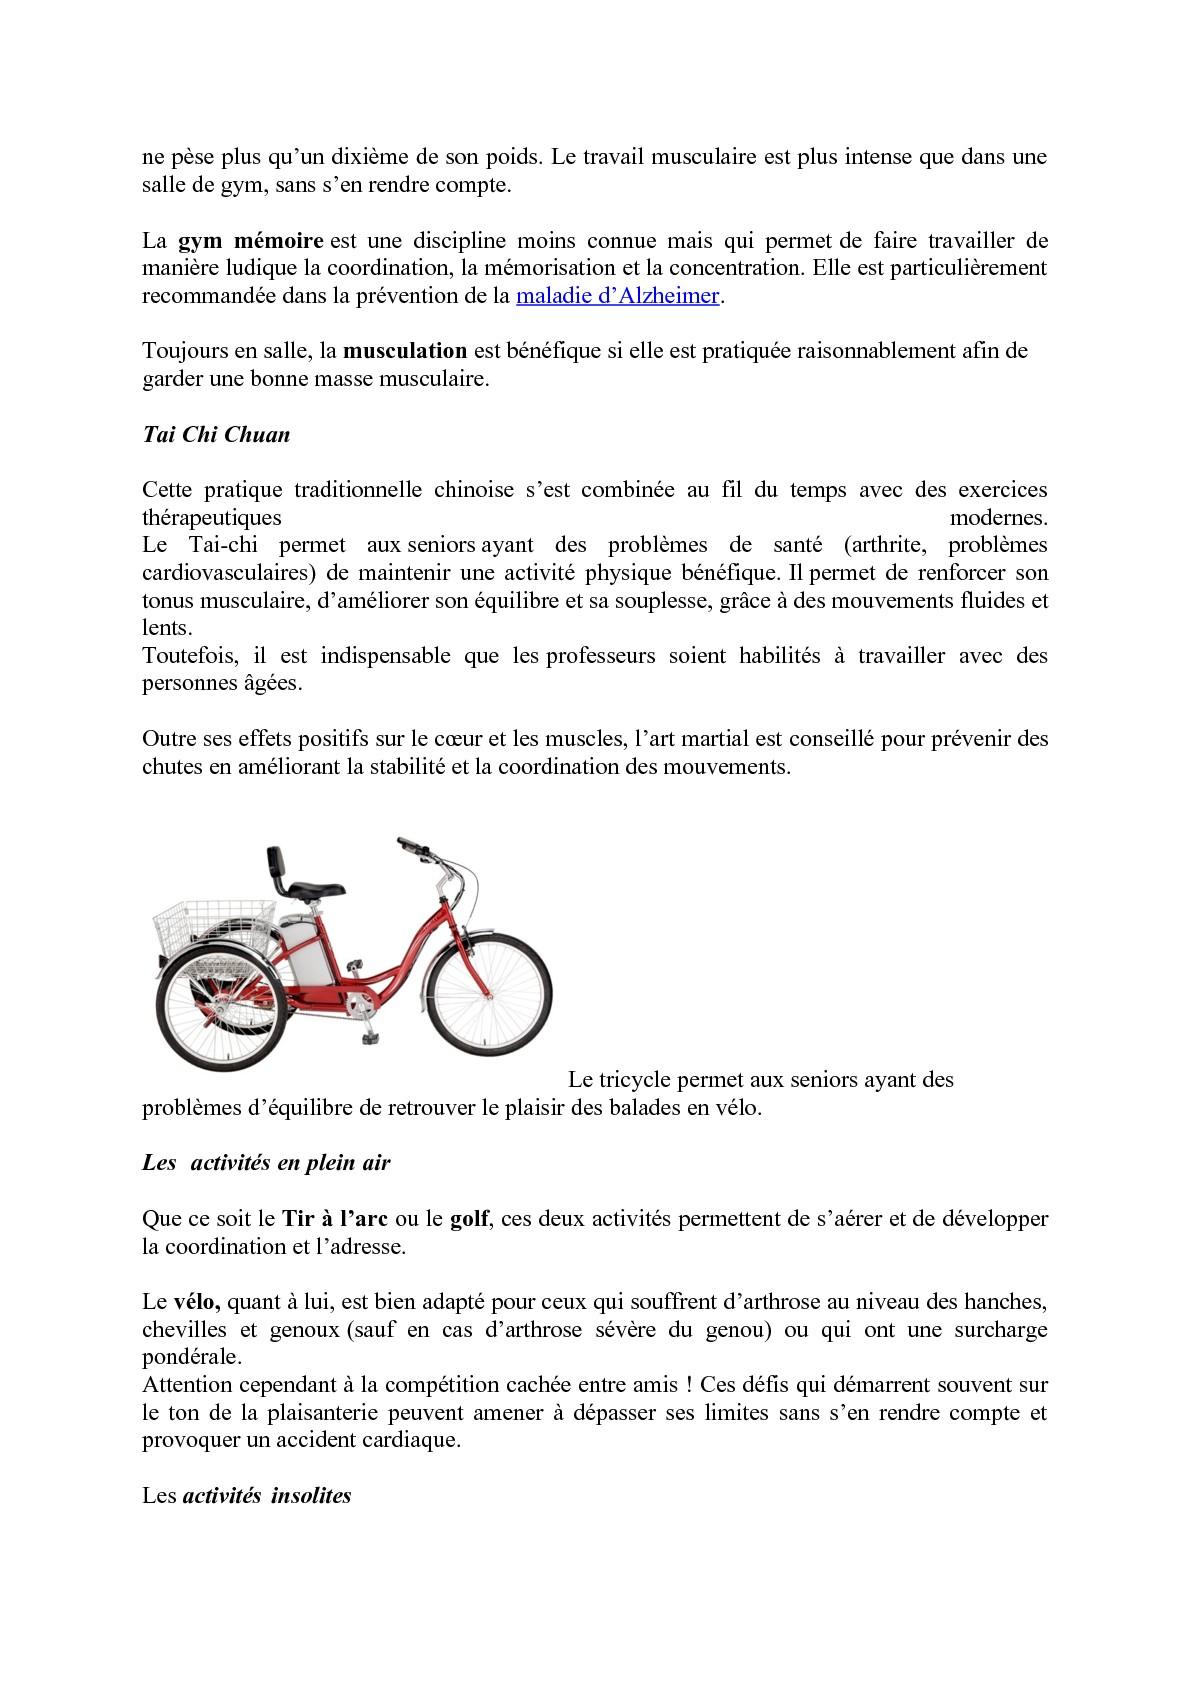 2017-12-03 Les bienfaits du sport chez les seniors-003-003.jpg